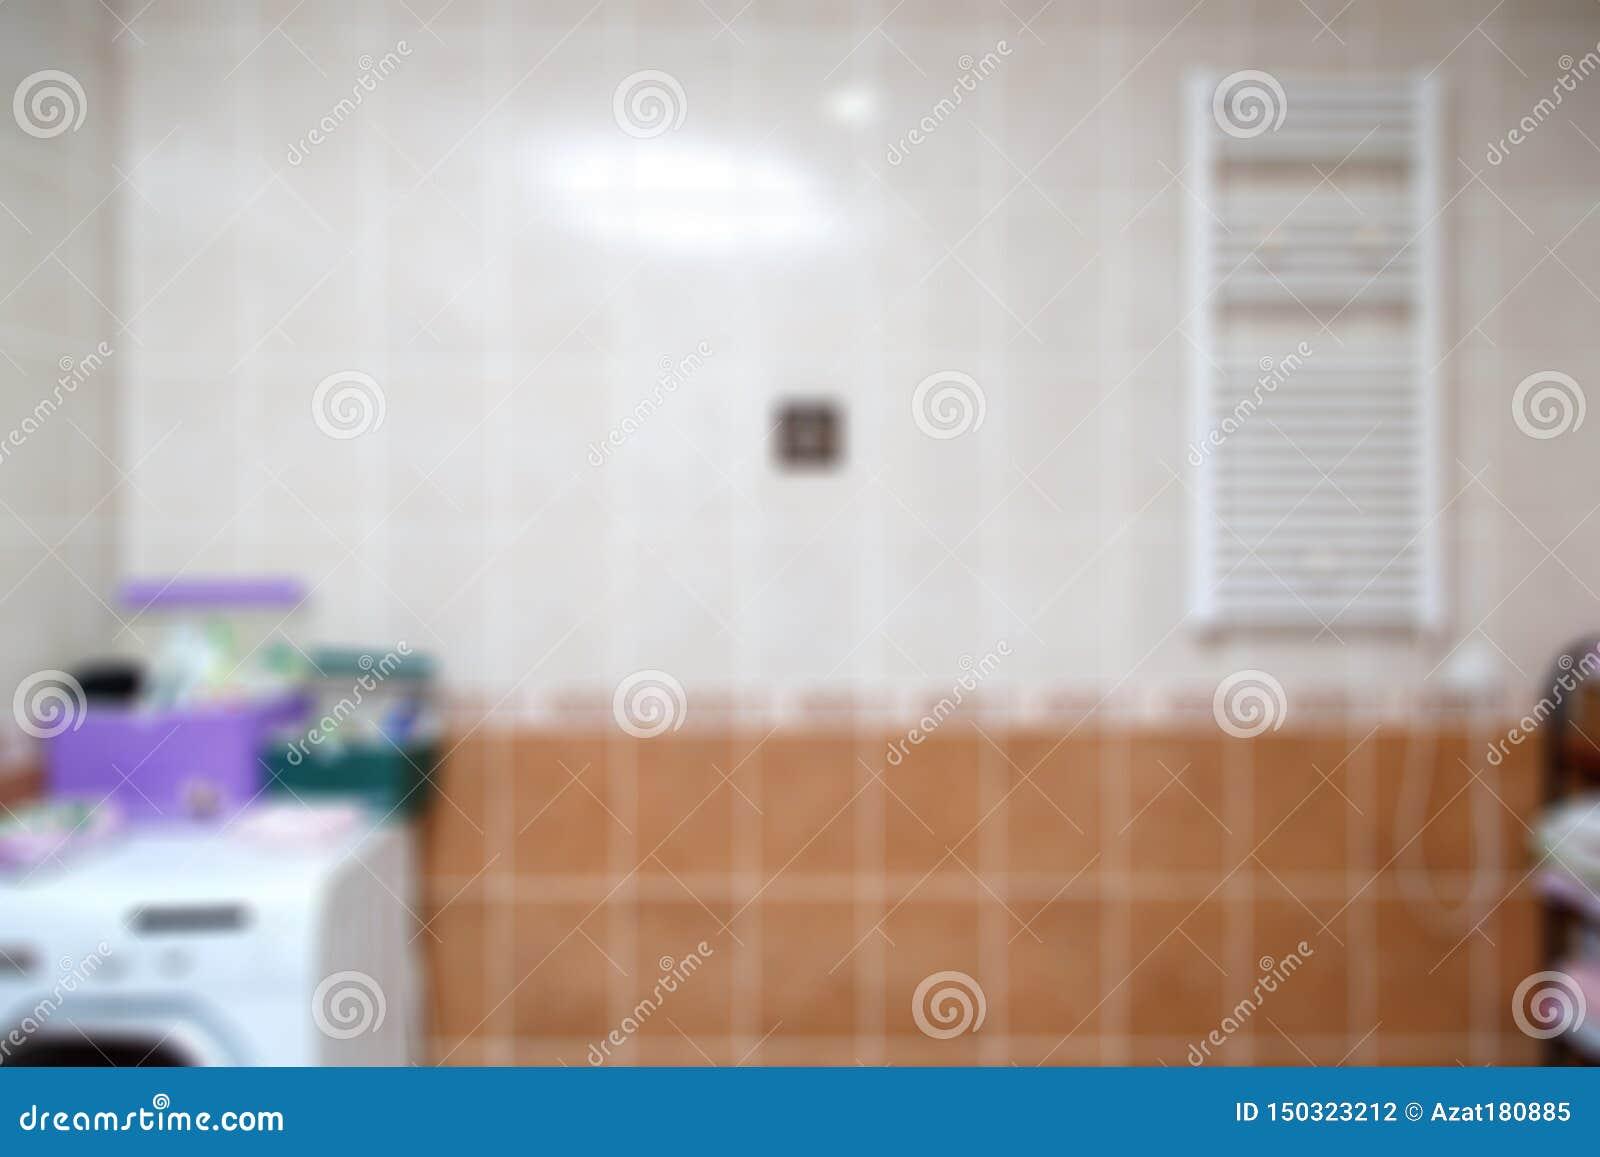 Fundo borrado do banheiro